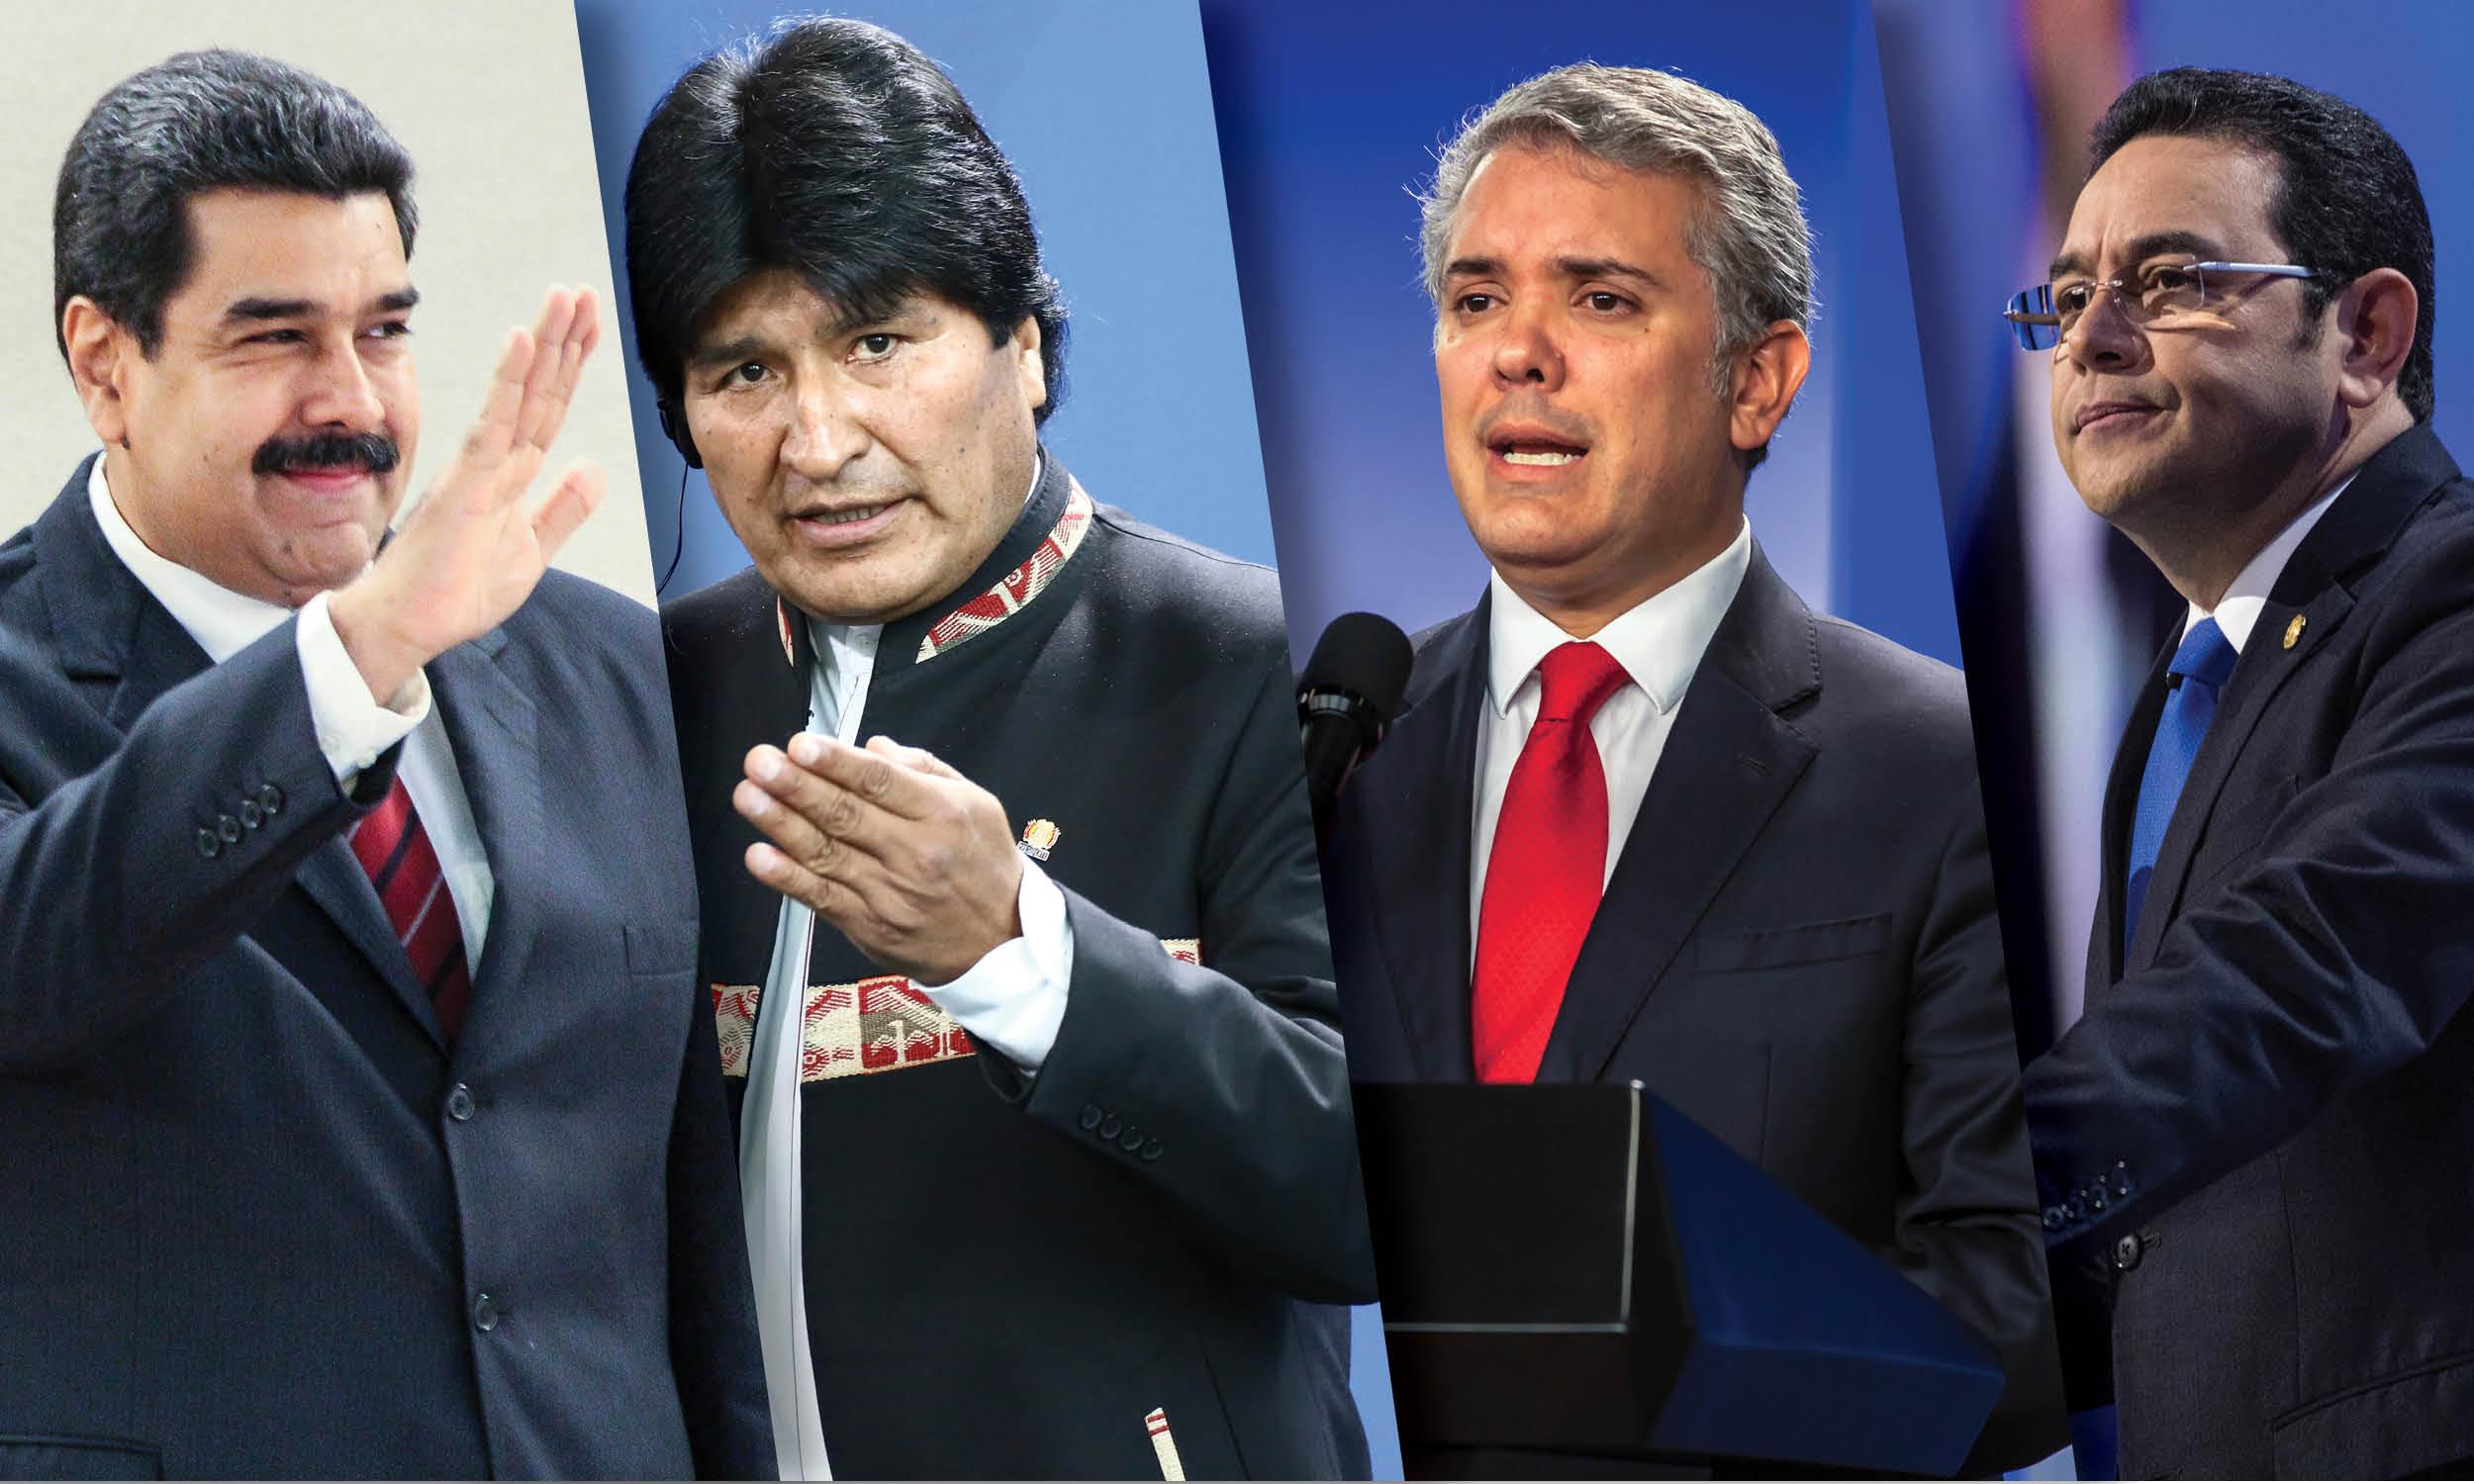 Los presidentes latinoamericanos que asistirán a la toma de protesta de AMLO